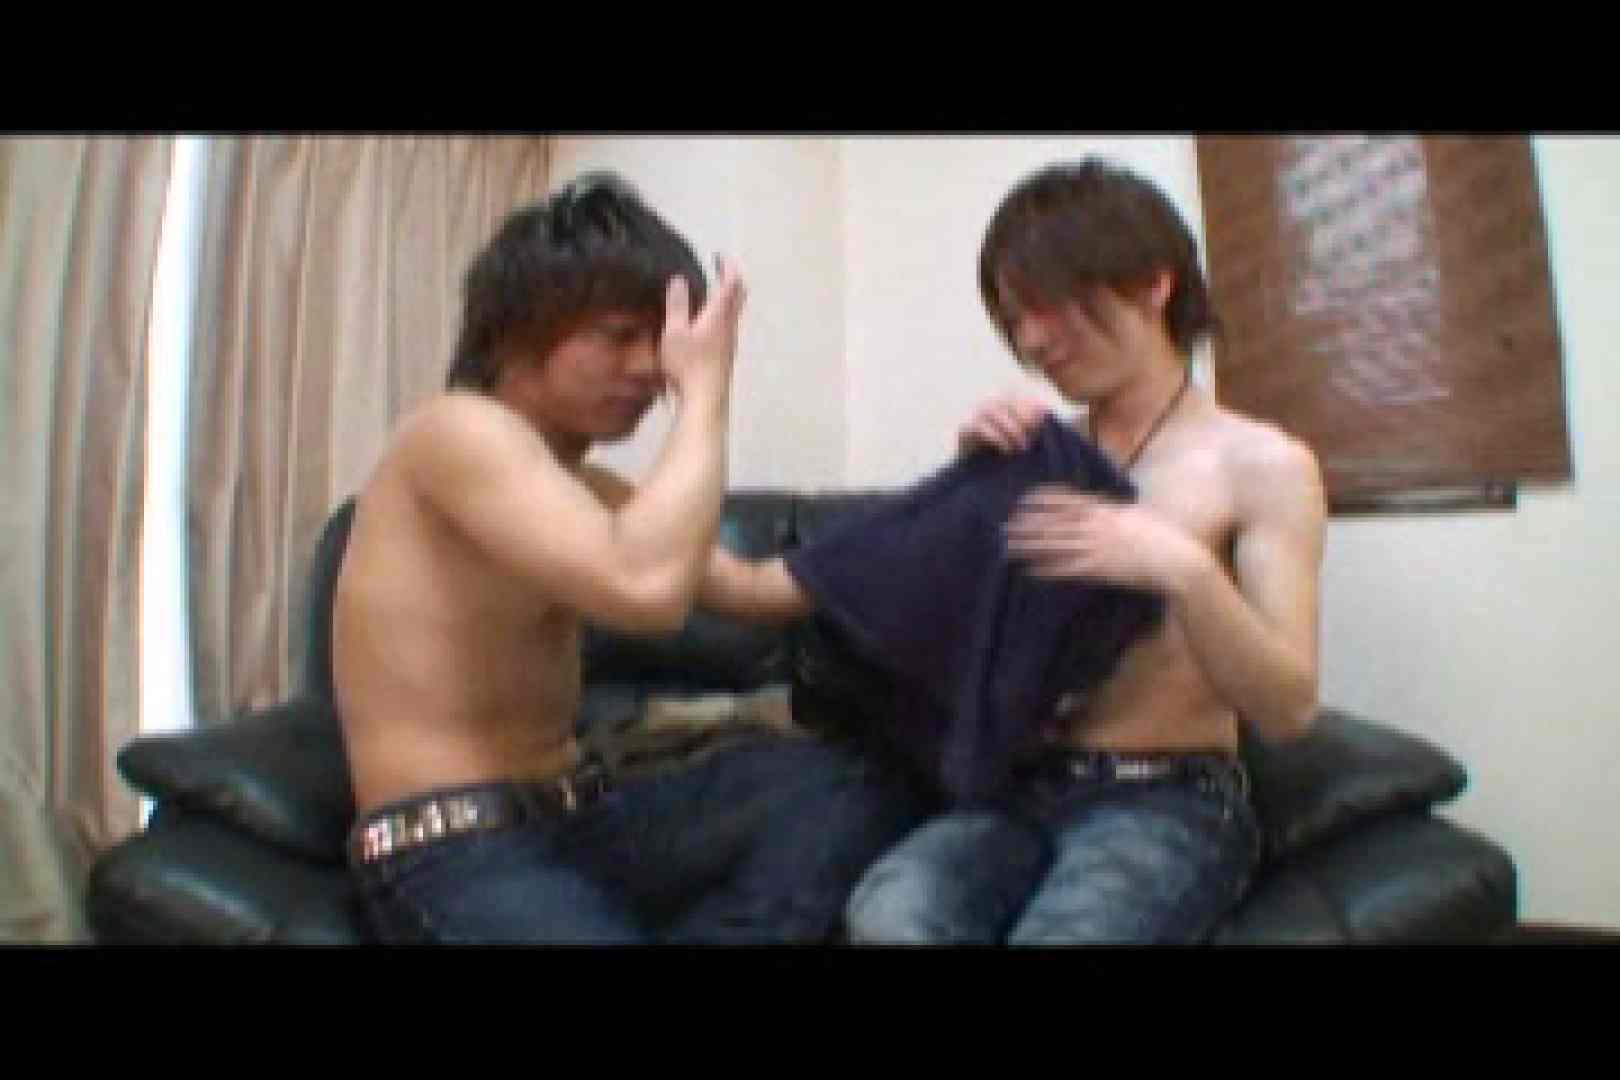 コンビネーションBoys!vol.02 イケメンパラダイス ゲイアダルトビデオ画像 59pic 36